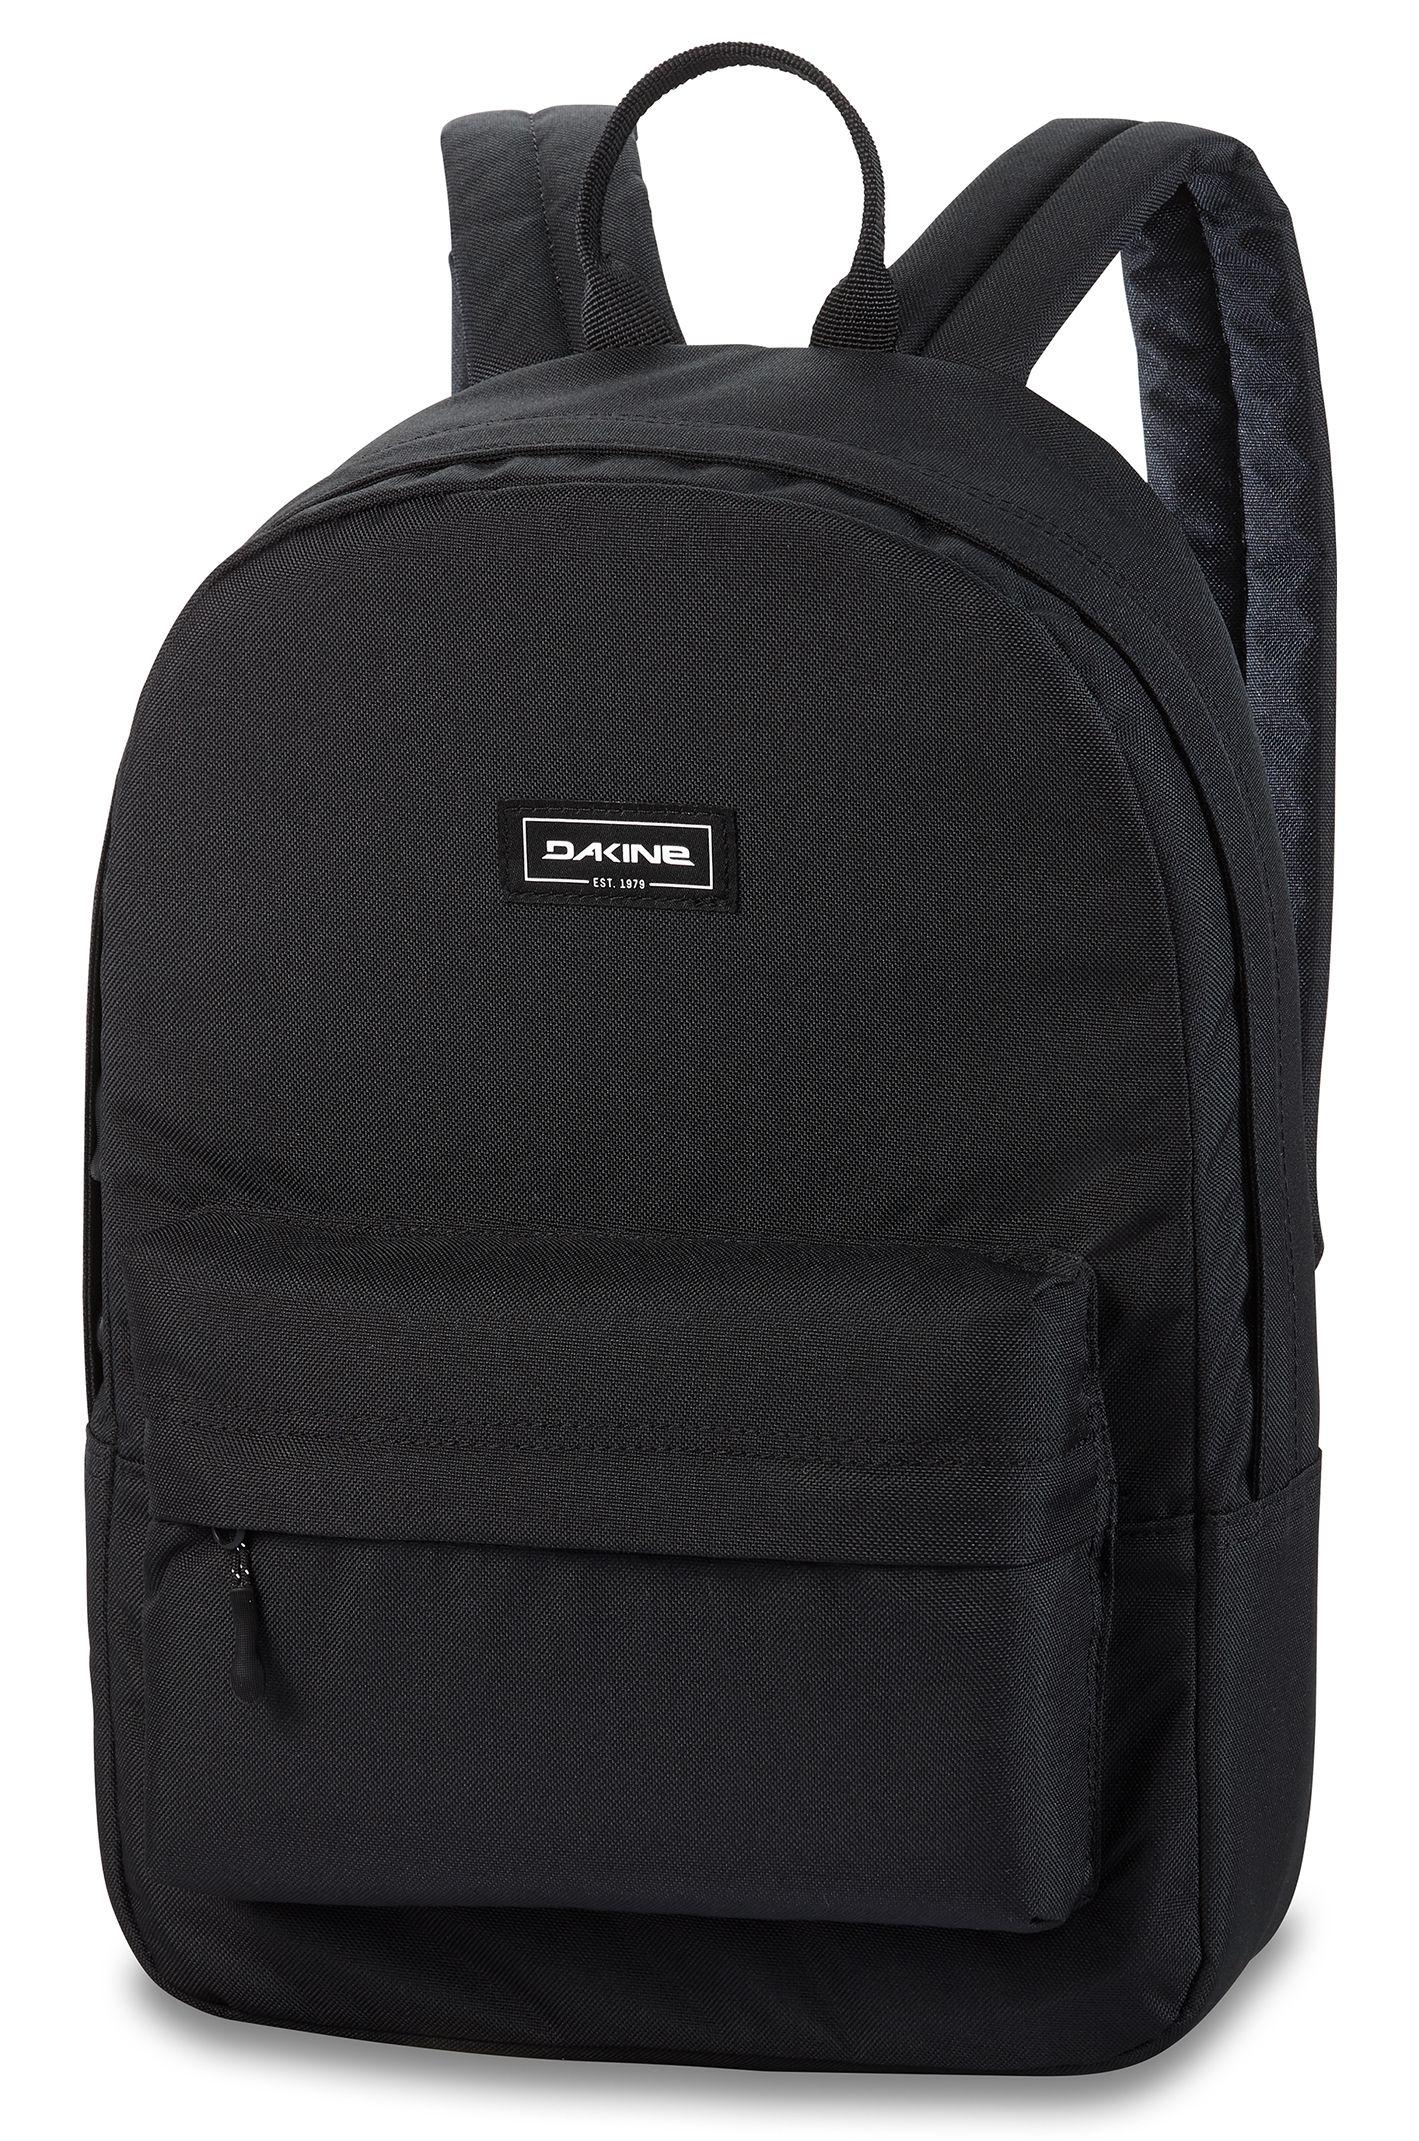 Dakine Backpack 365 MINI 12L Black